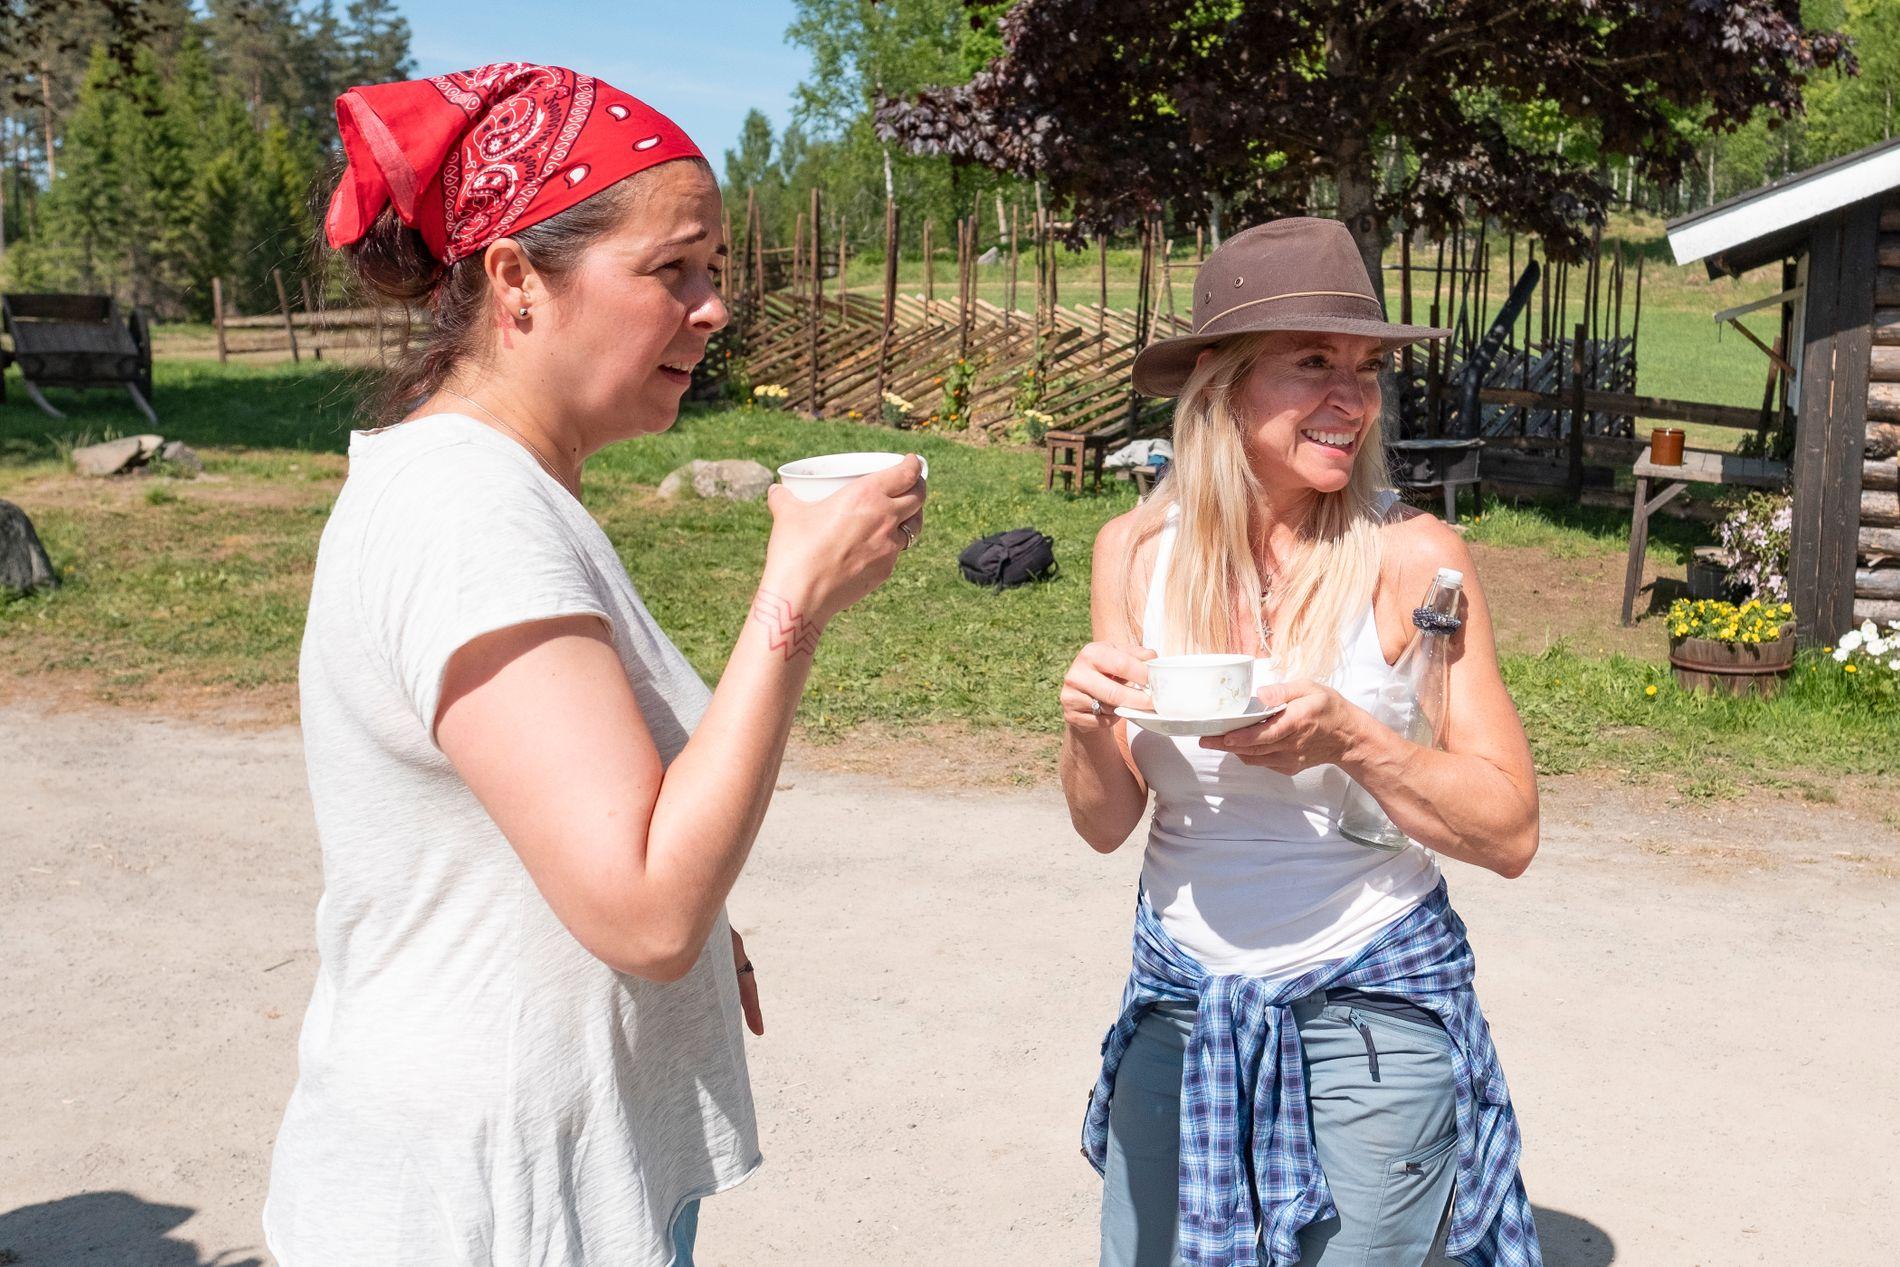 KRITISK: Trude Mostue har allerede sett seg lei av «Farmen kjendis», og vil ikke se noe mer på programmet.